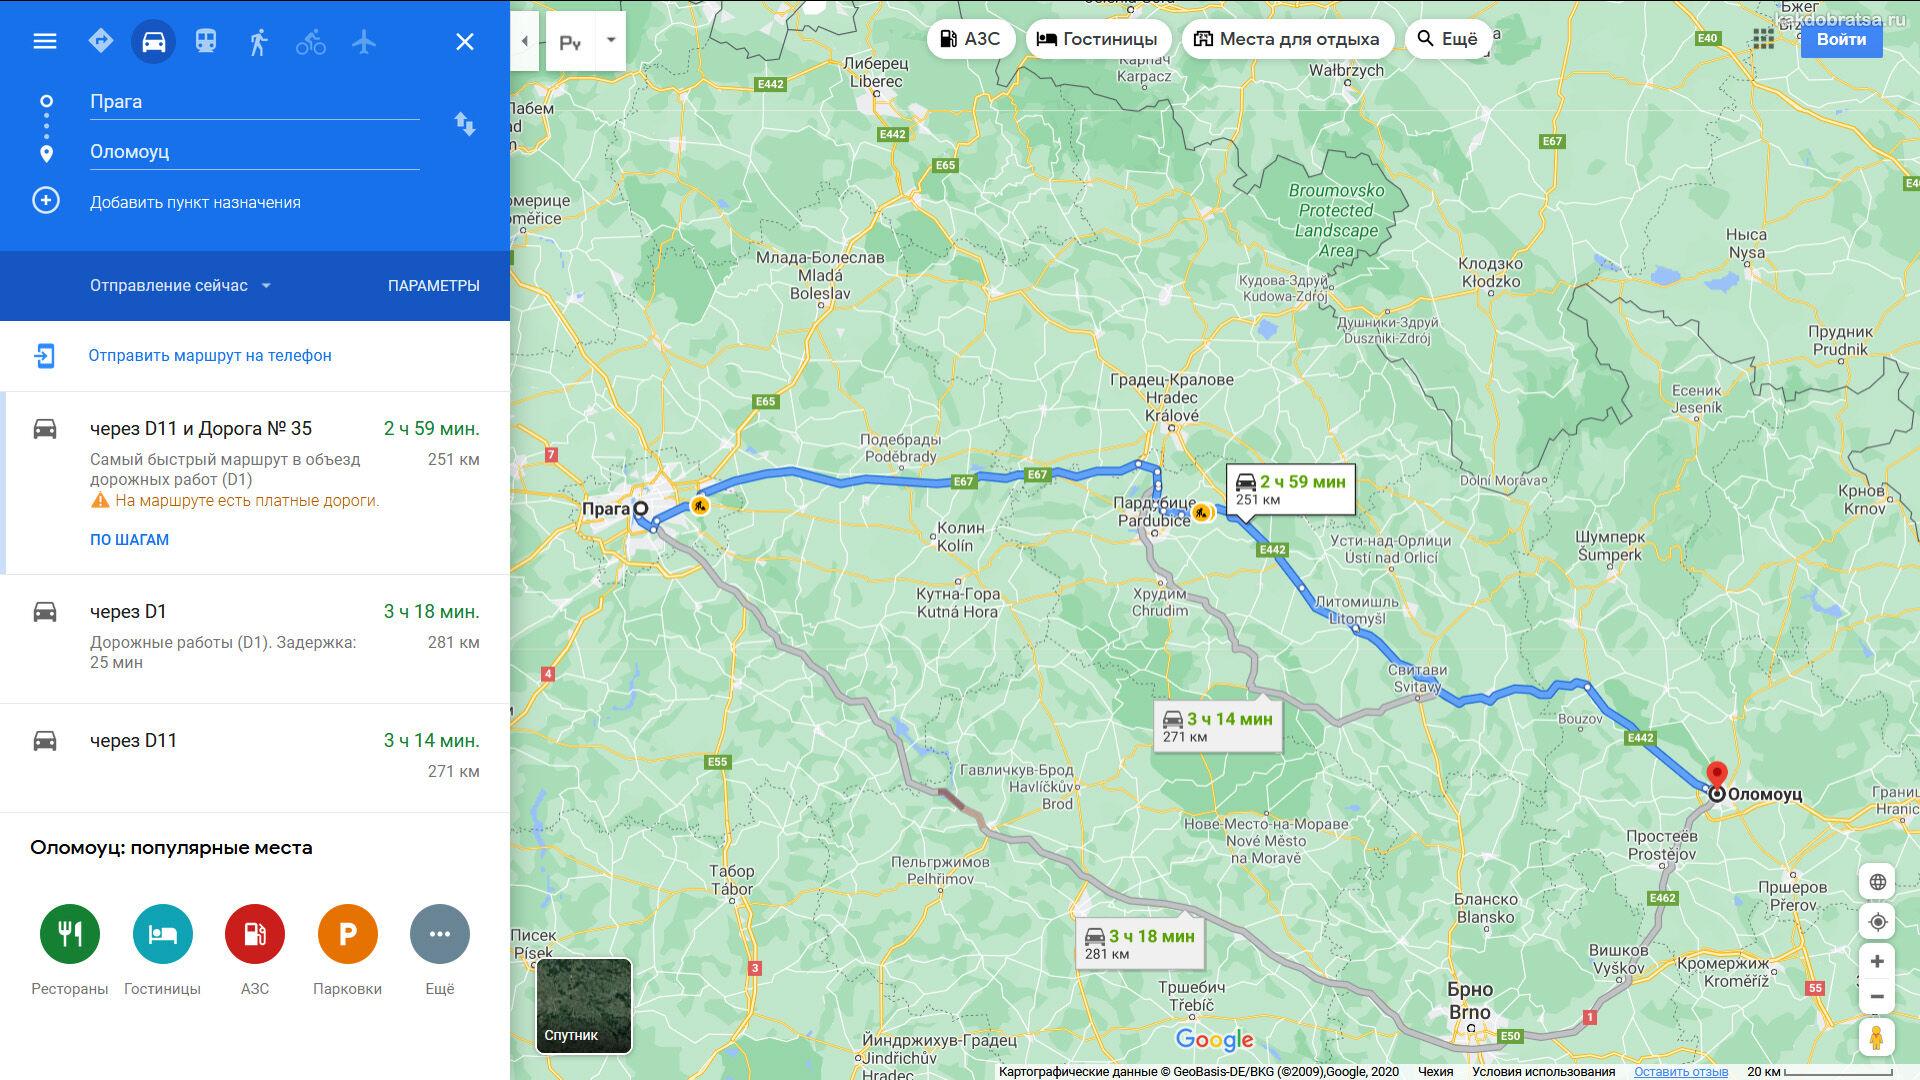 Расстояние между Прагой и Оломоуцем по карте